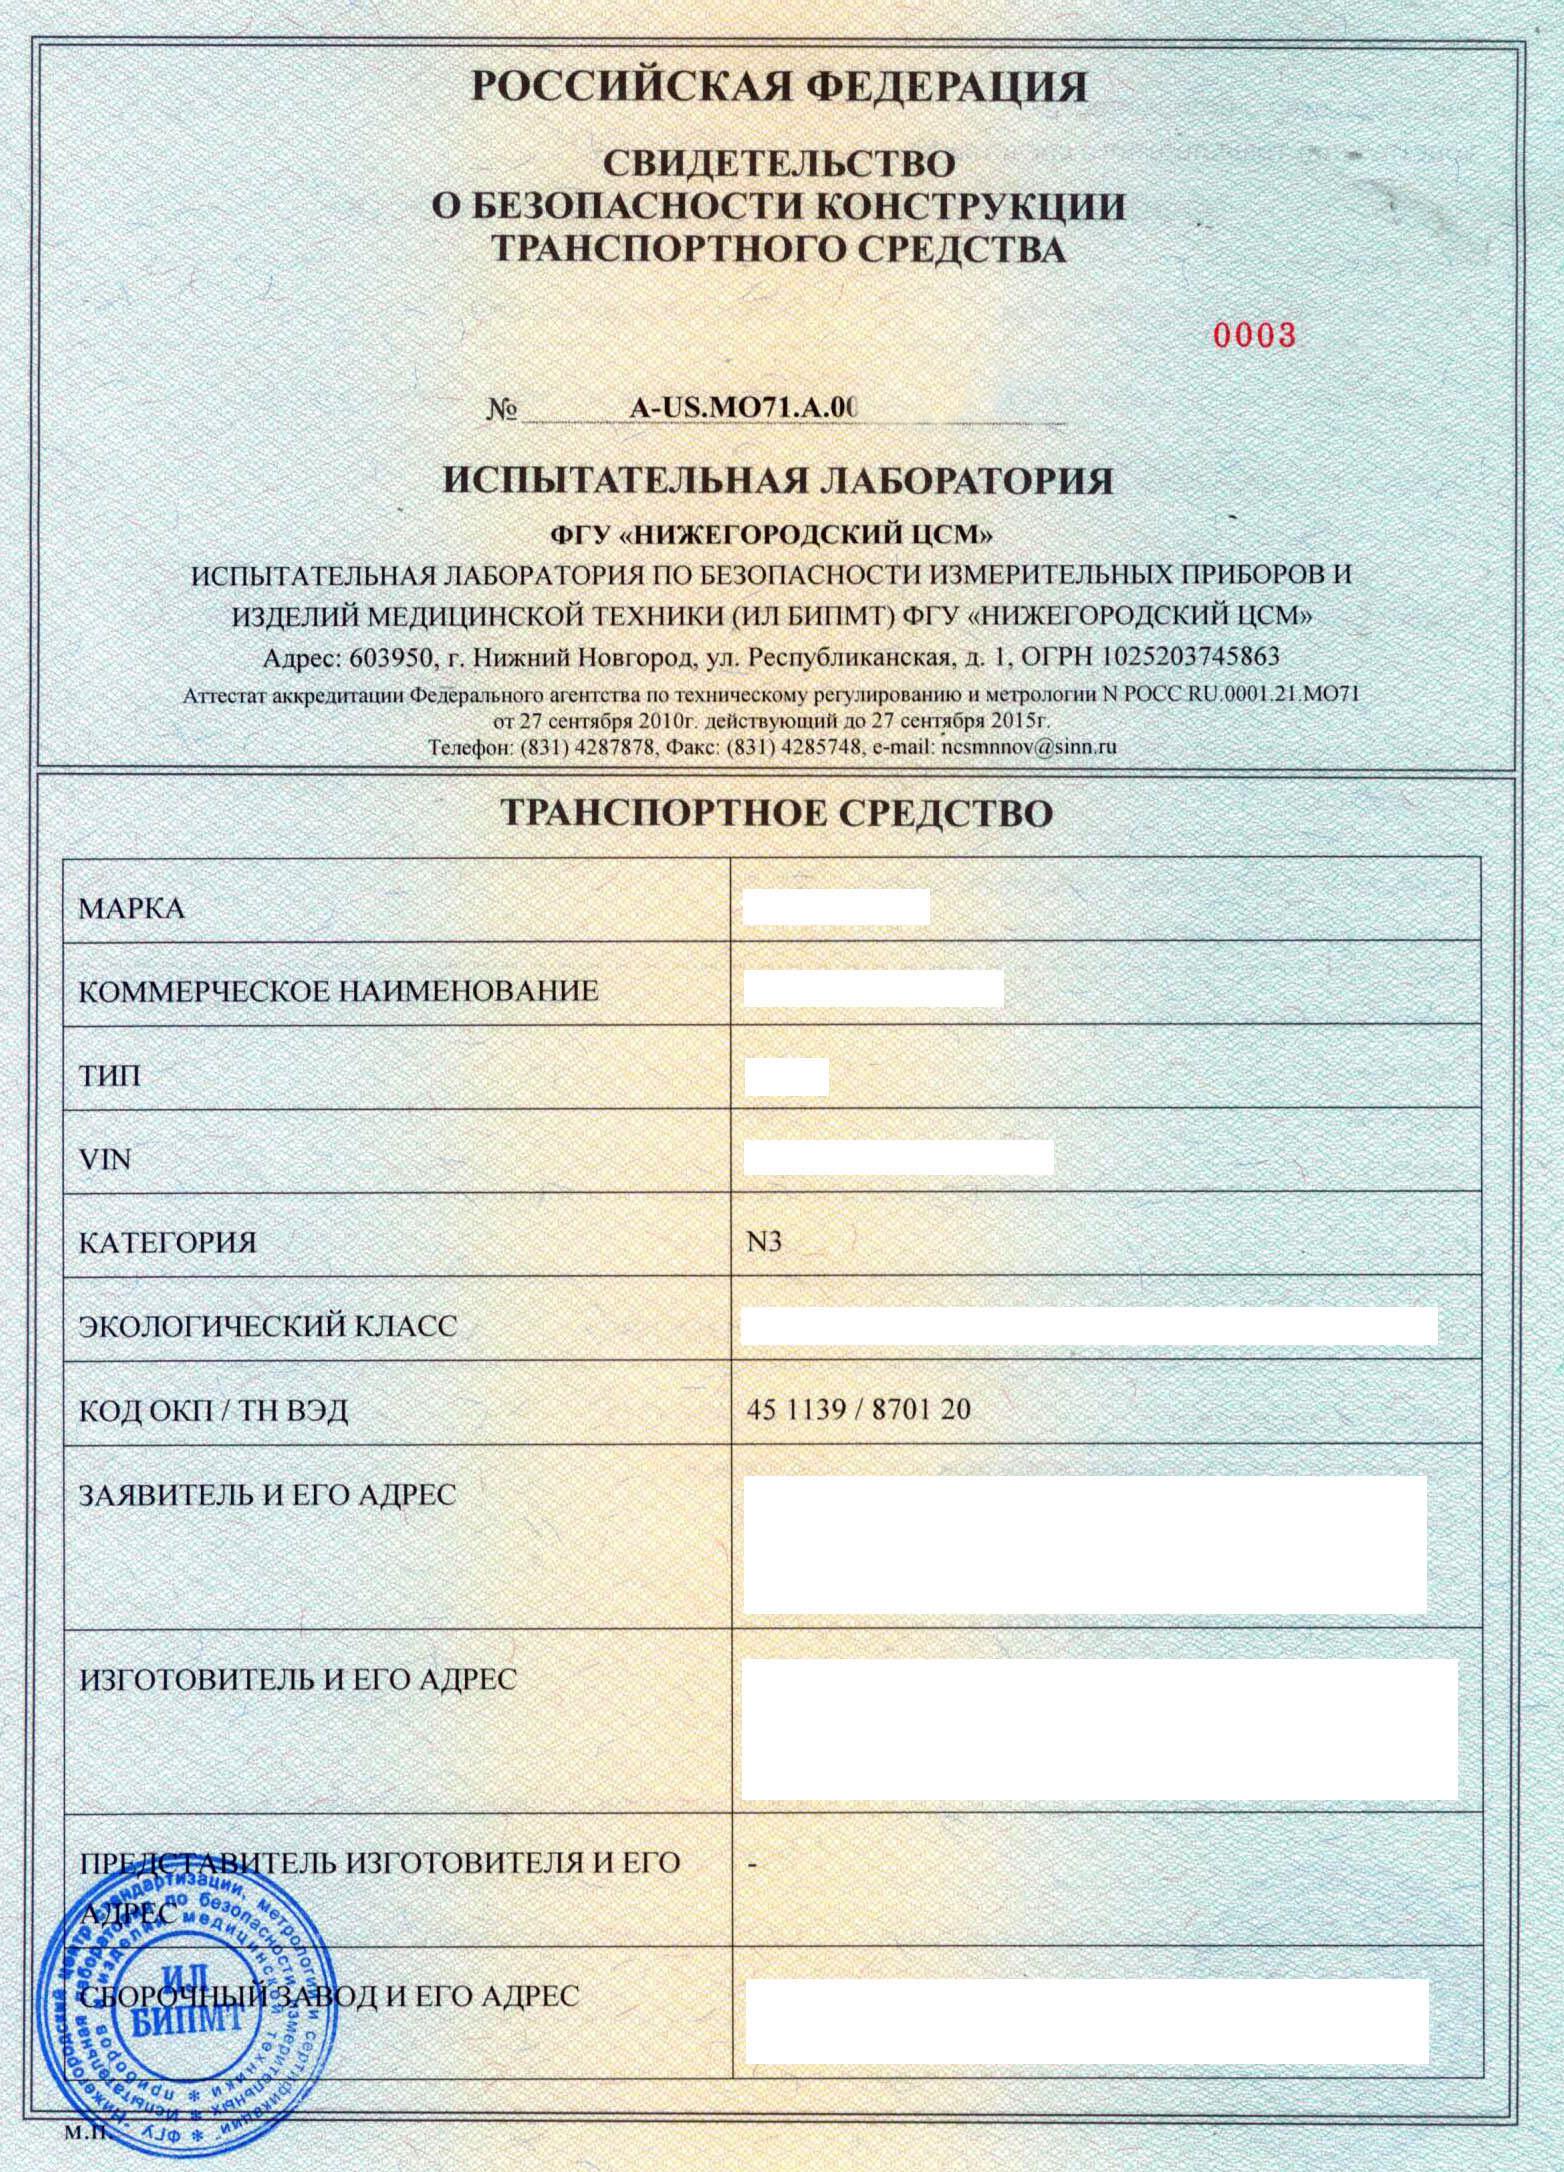 Коап штрафы за тахограф 2019 для юридического лица